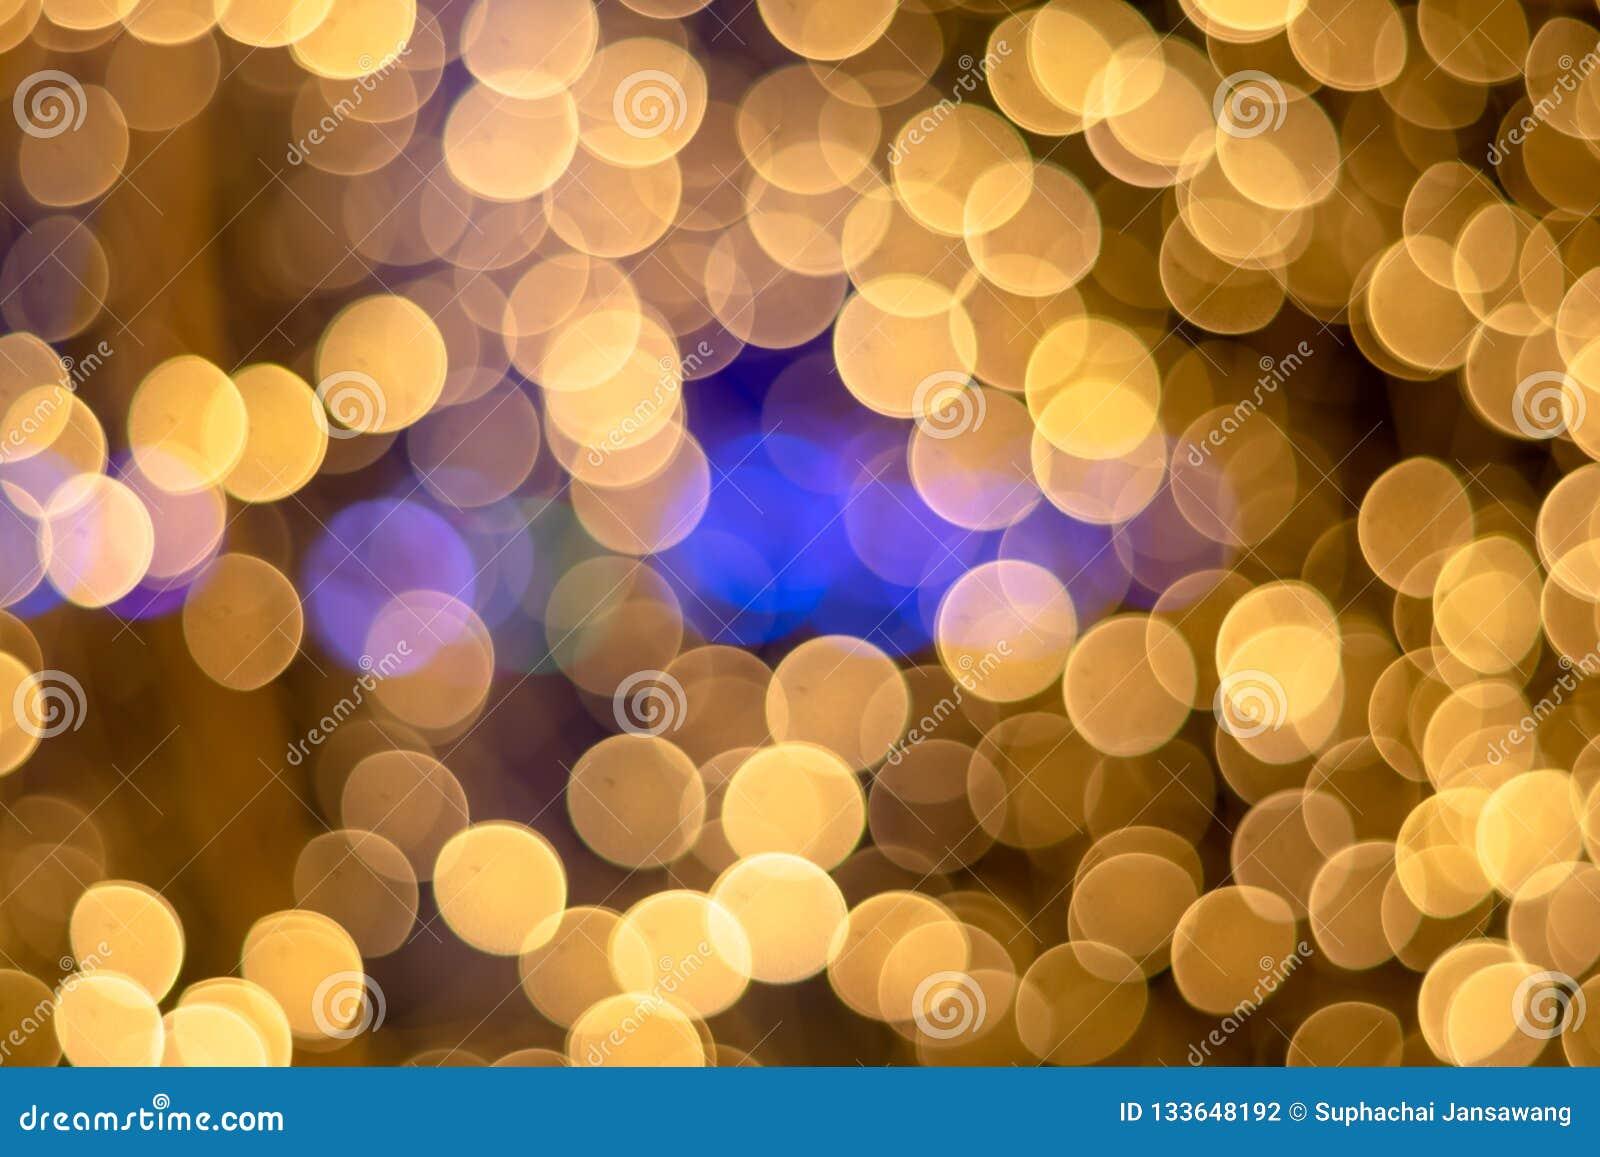 ฺChristmas Bokeh złota światła tło piękny światło